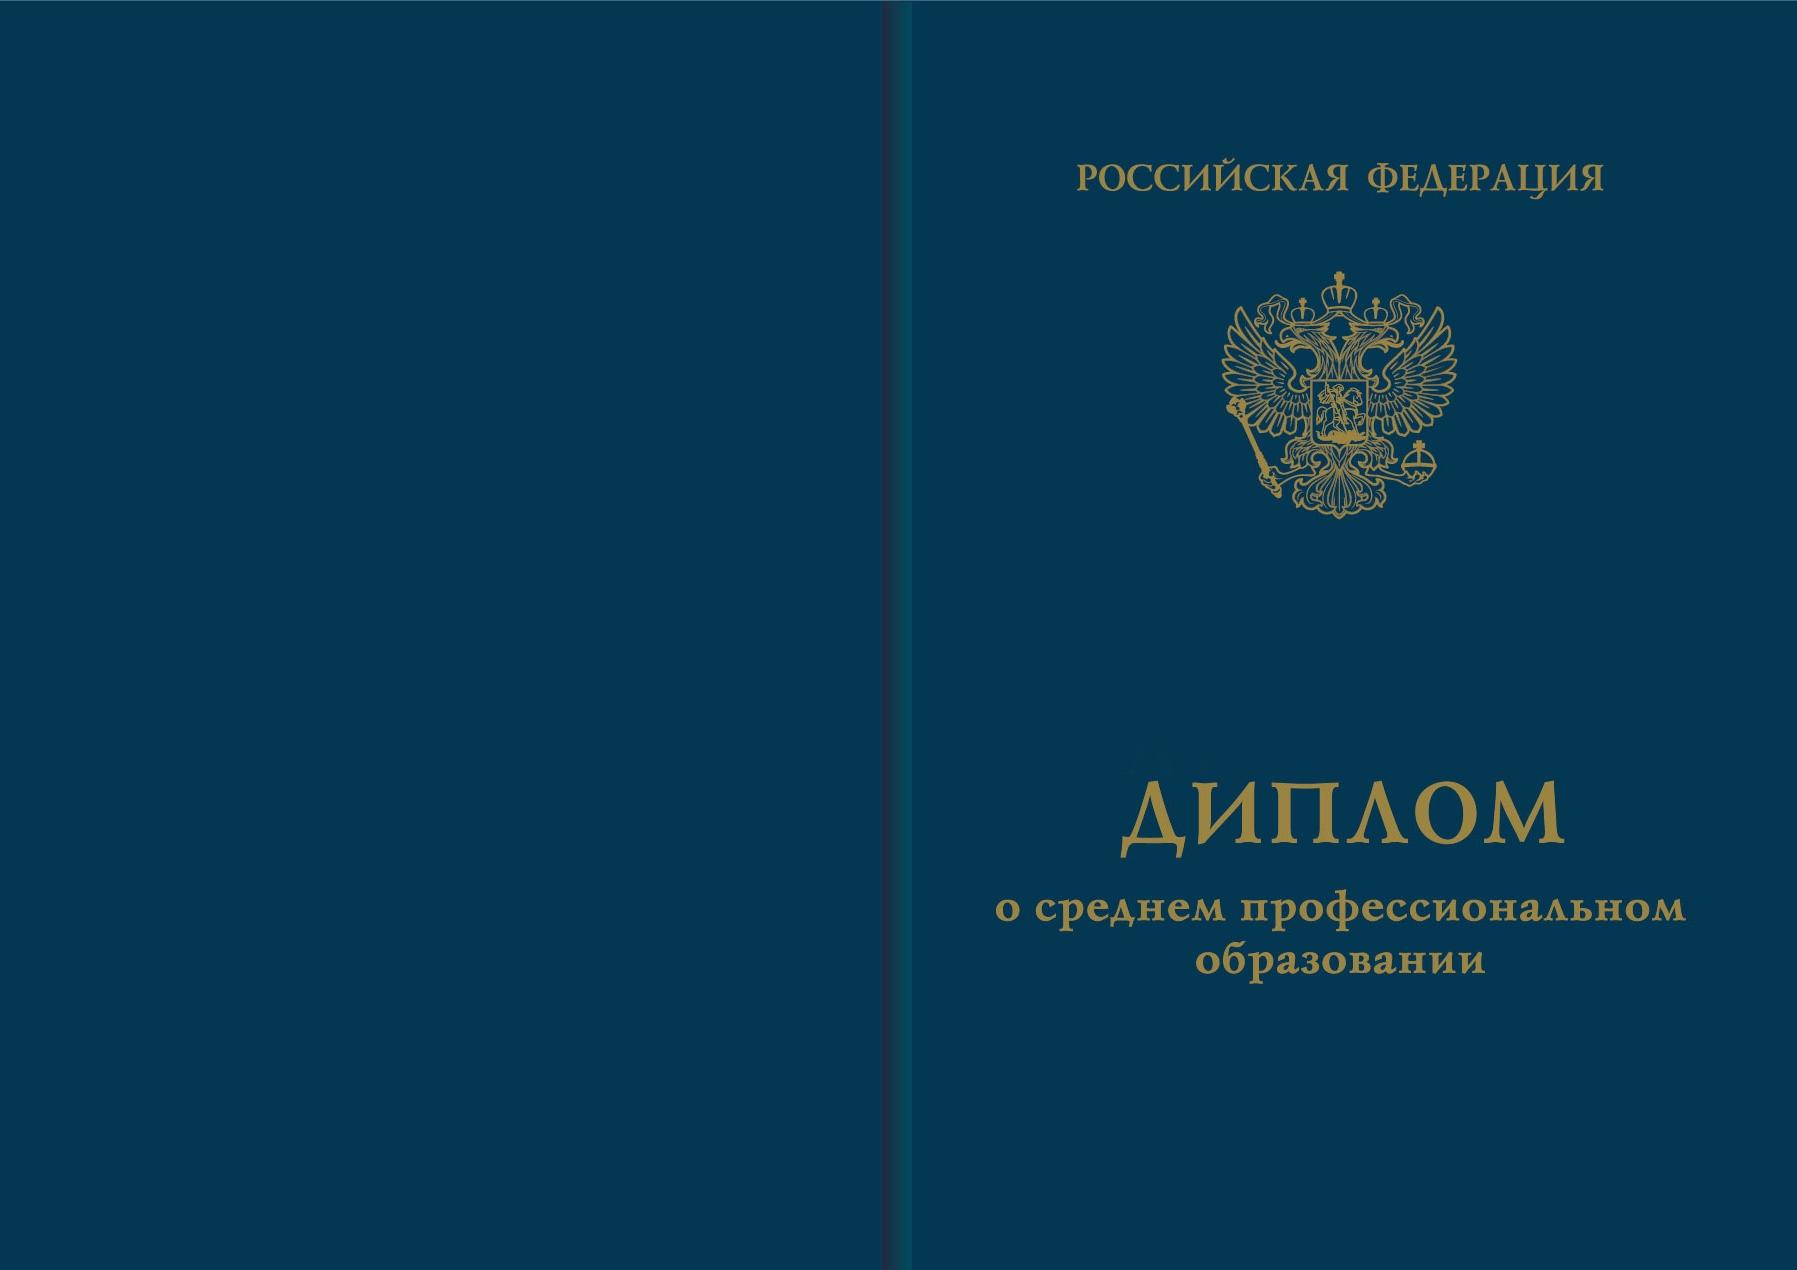 Бланки документов о среднем профессиональном образовании АлтГТУ Диплом